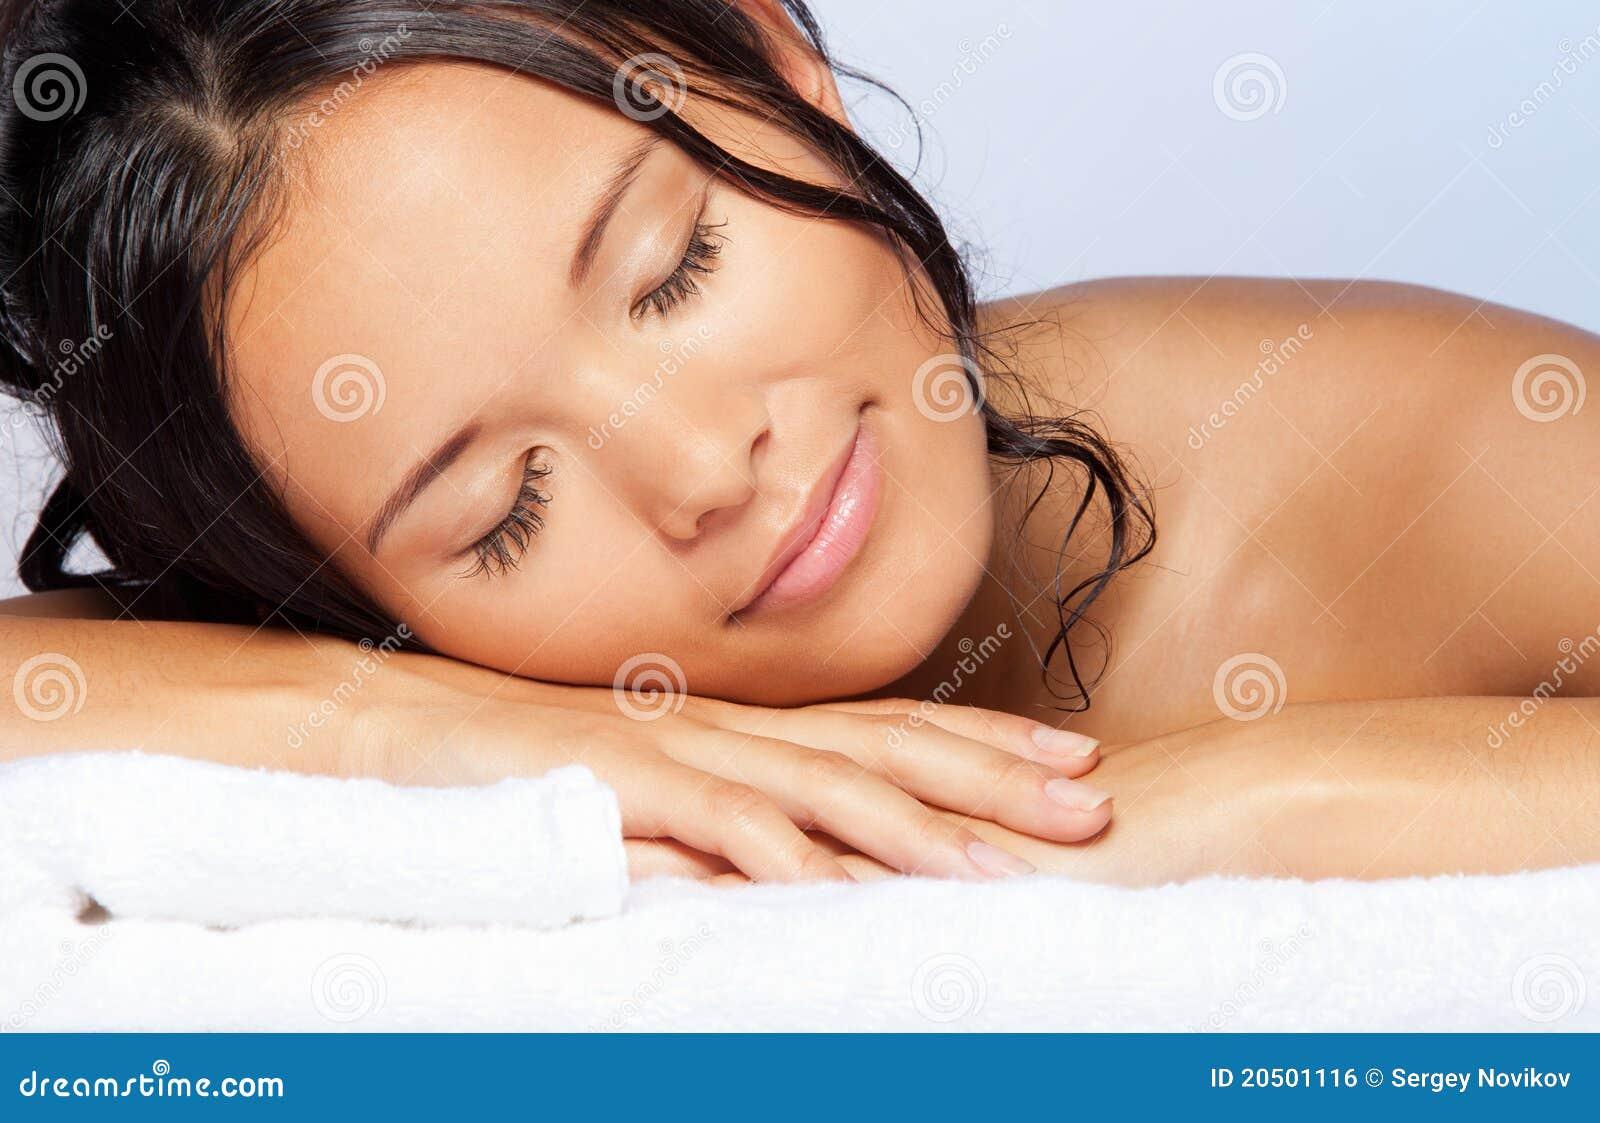 Секс с молодыми спящими девочками 19 фотография